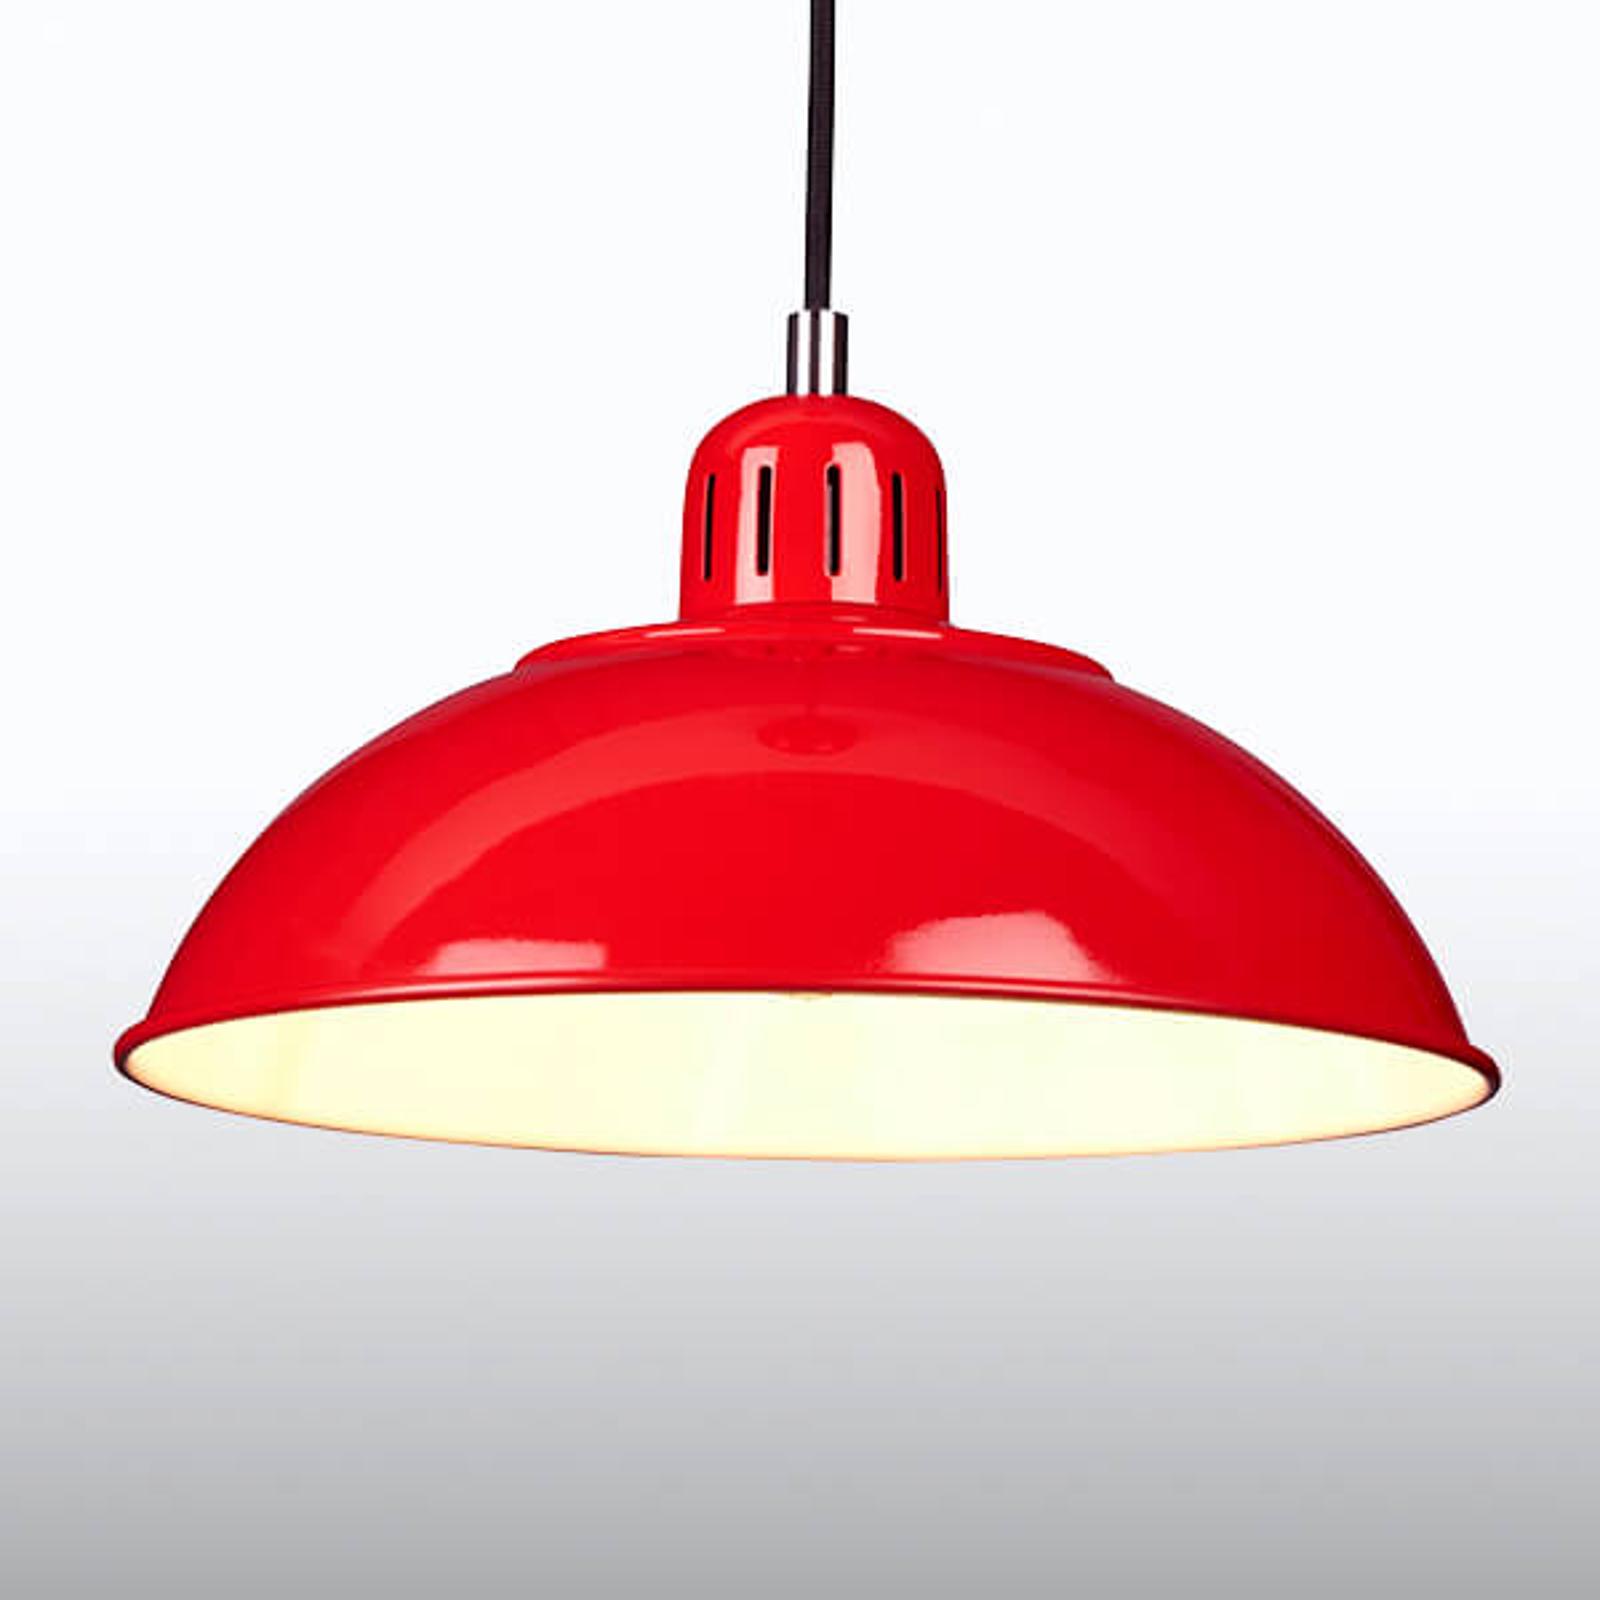 Czerwona lampa wisząca Franklin, design retro